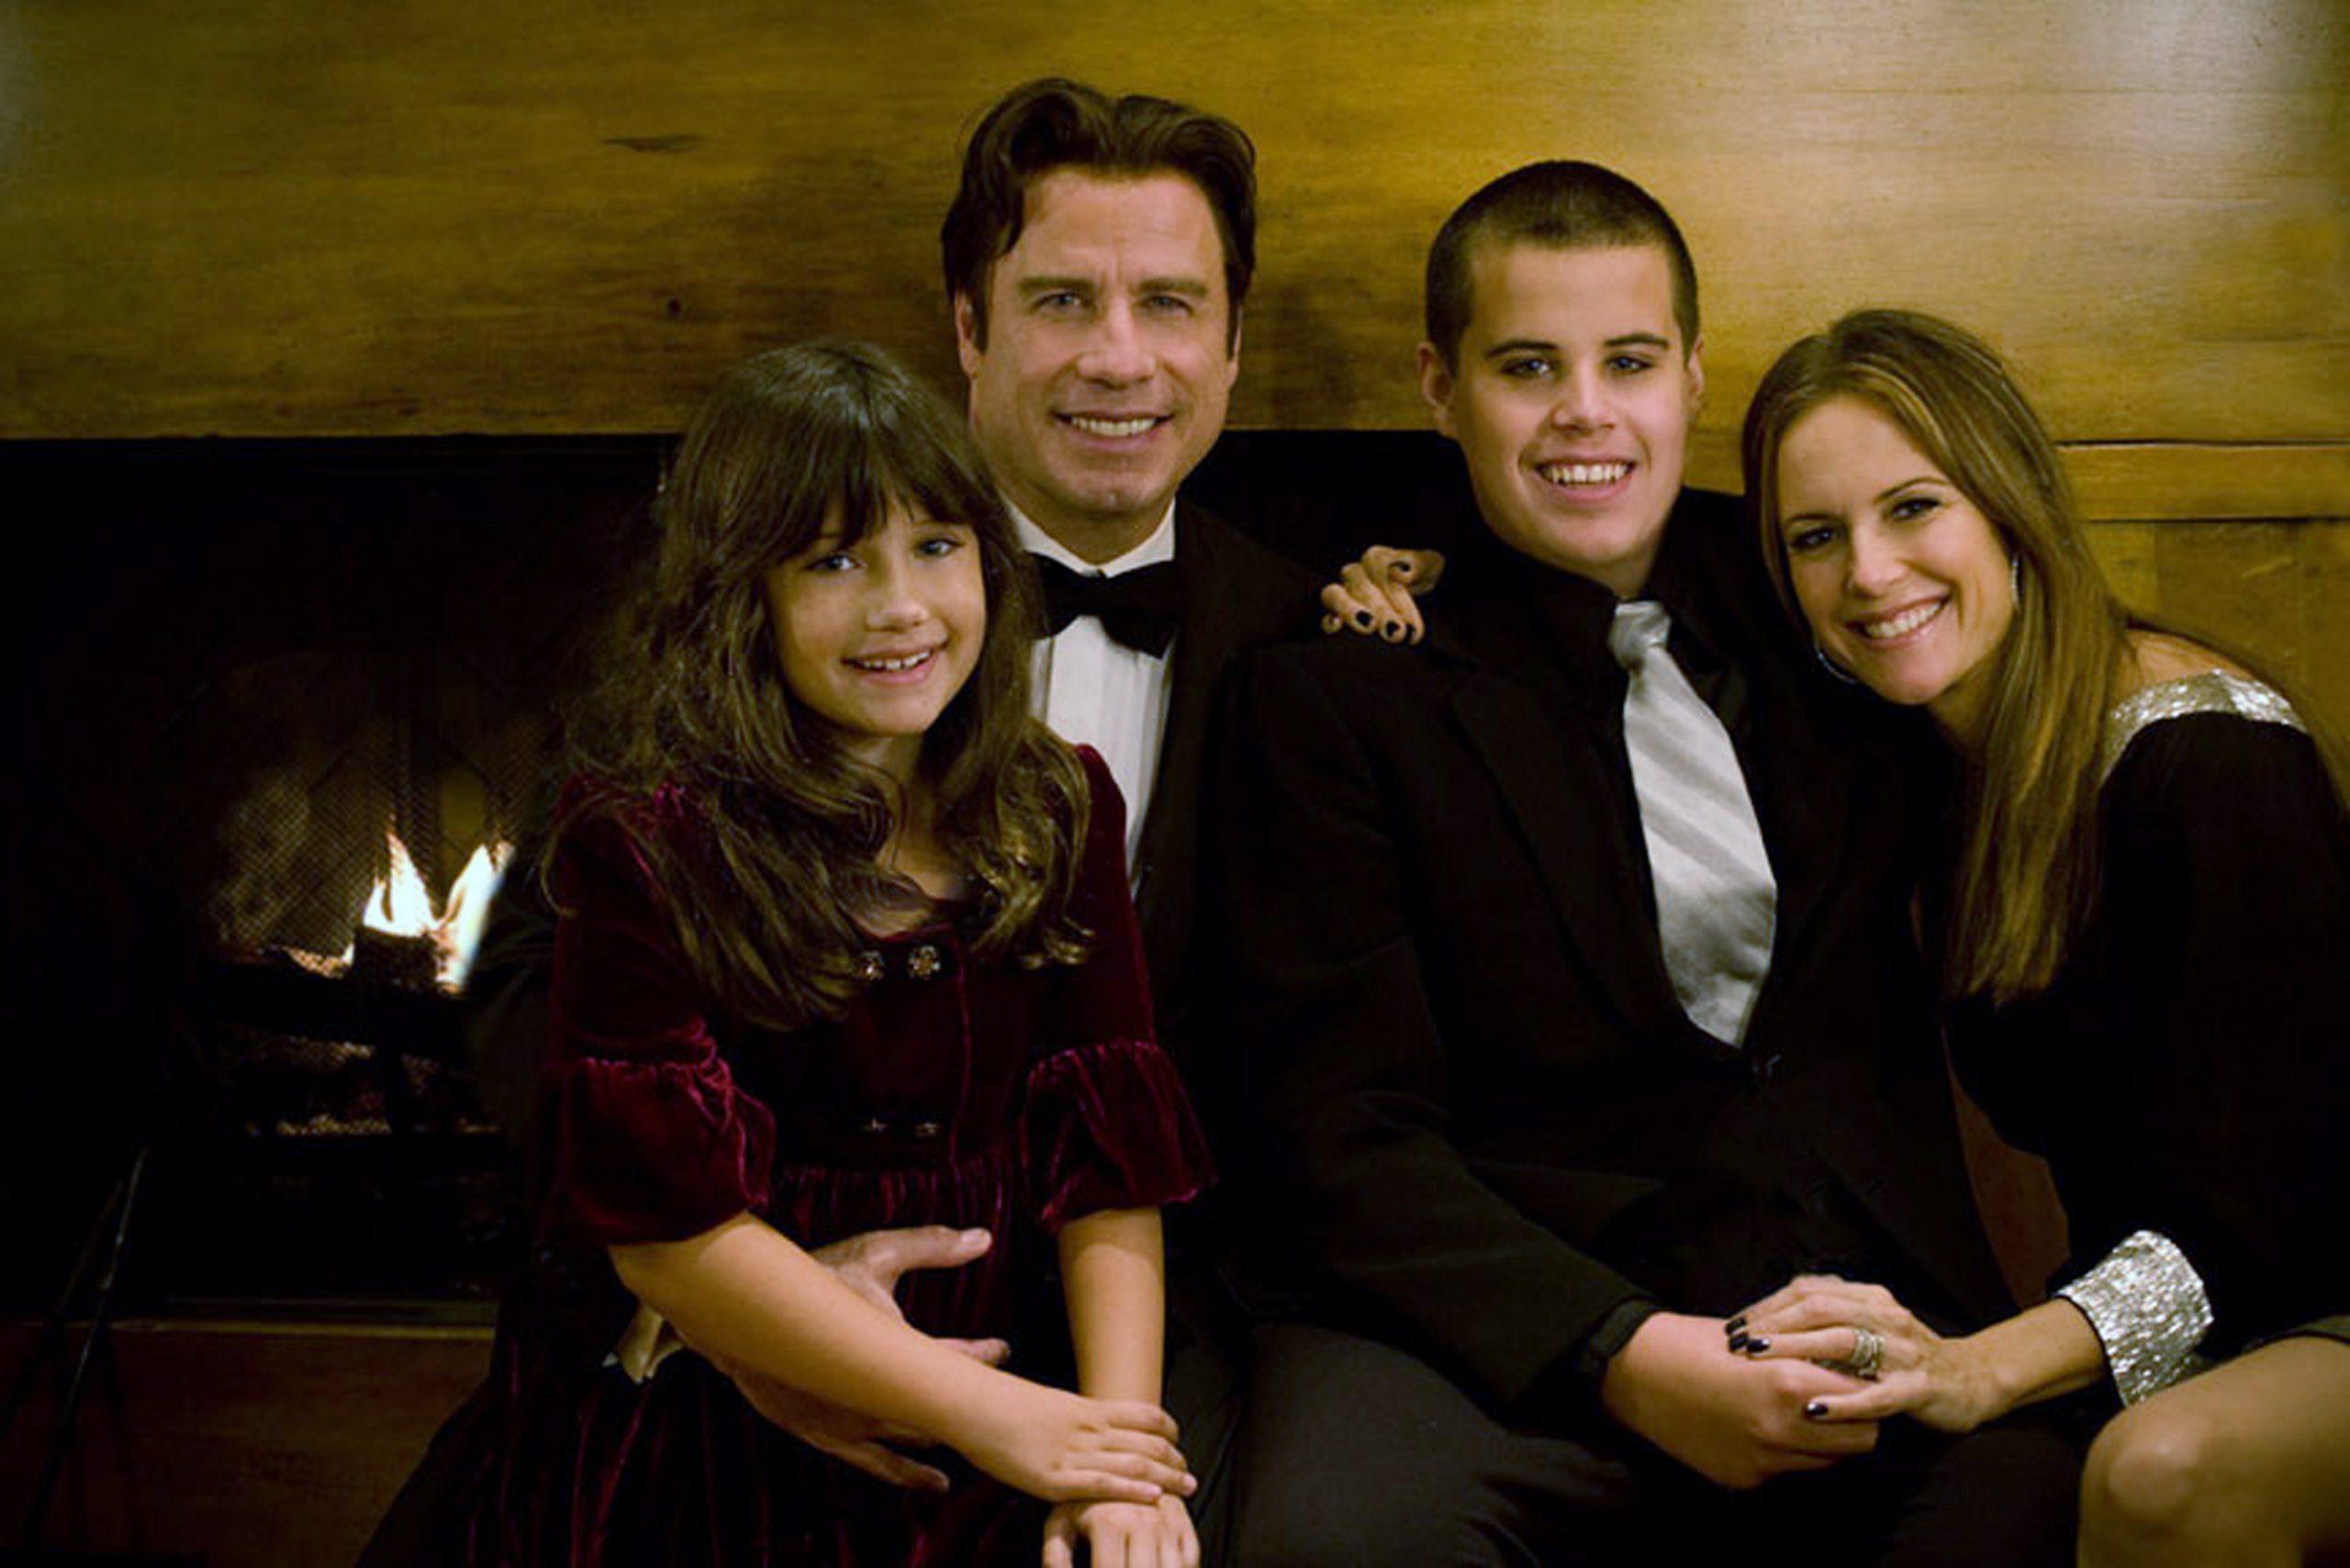 John Travolta and Kelly Preston family